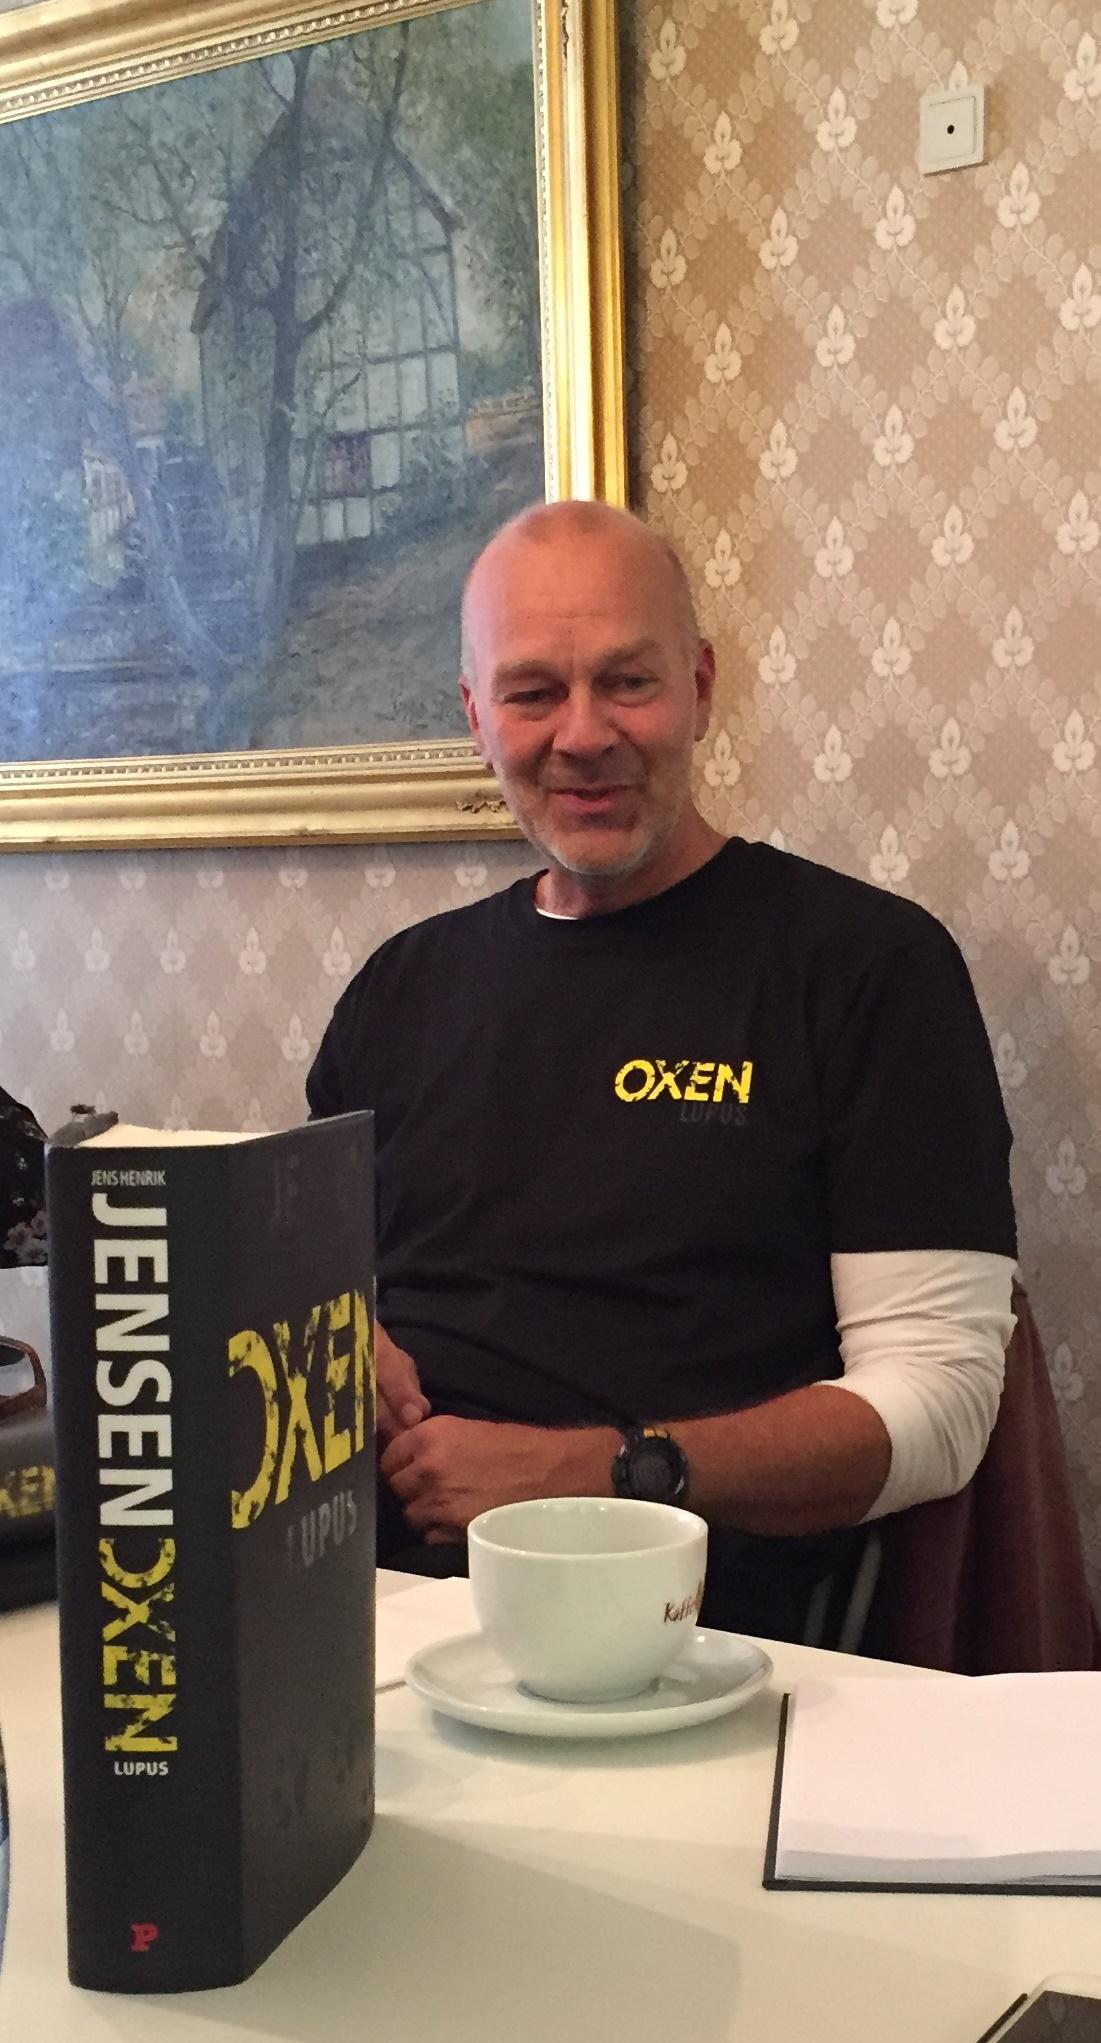 Lupus, Oxen, Jens Henrik Jensen, Niels Oxen, Oxen 4, Politikens Forlag, Anmeldelse, Anmeldereksemplar, Boganmeldelse, Skovmøllen, Bog, Bøger,